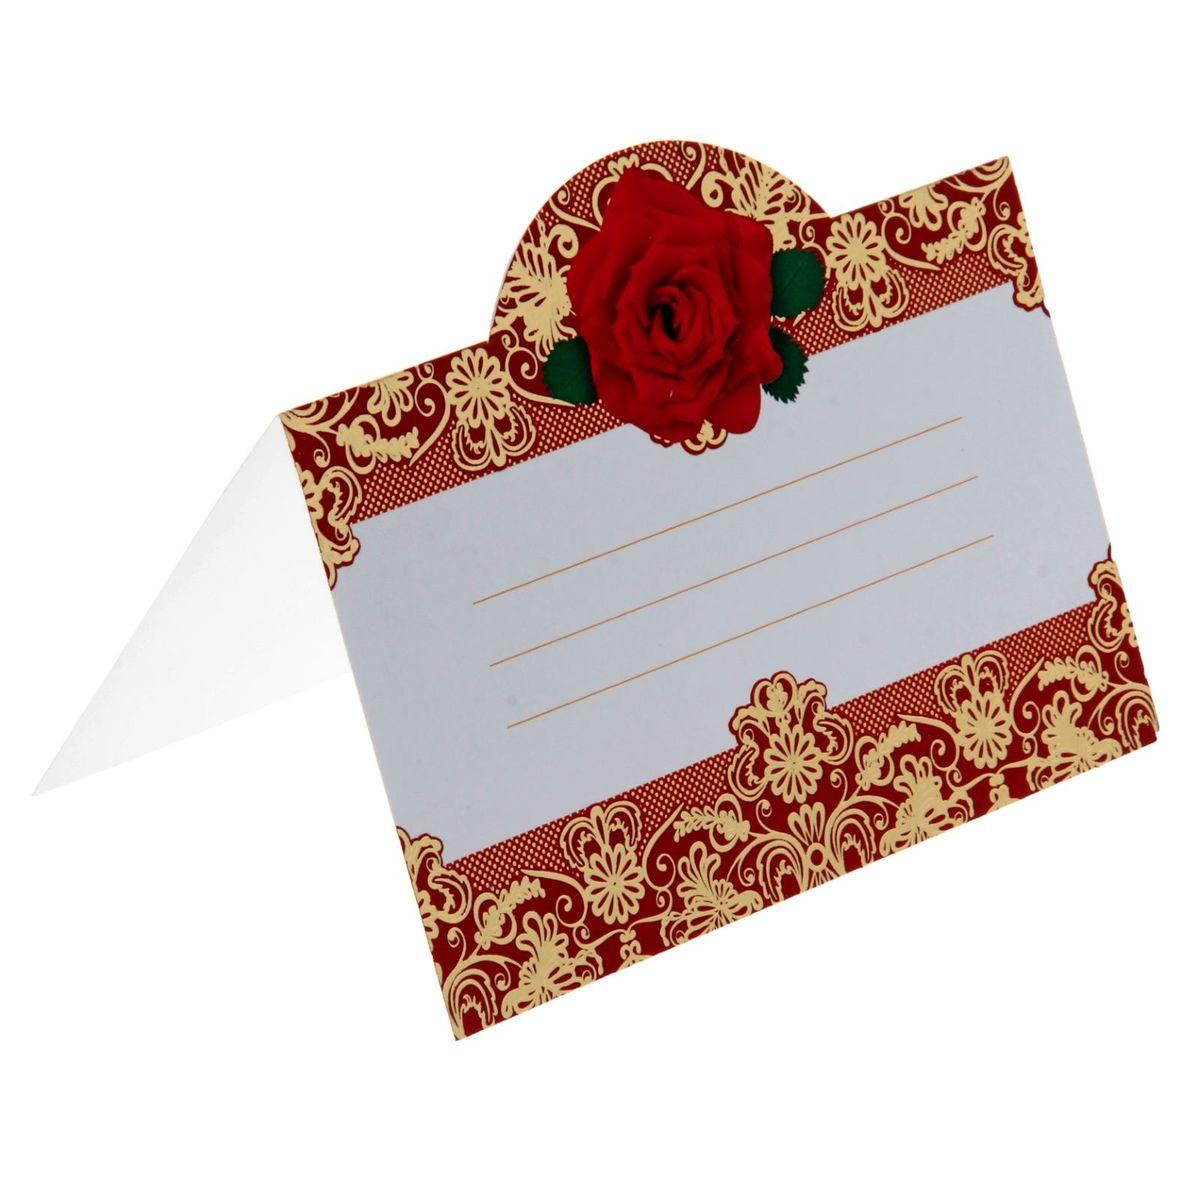 Русский дизайн Банкетная карточка, рисунок - красная роза, цвет красно-золотой778443Красиво оформленный свадебный стол— это эффектное, неординарное и очень значимое обрамление для проведения любого запланированного вами торжества. Банкетная карточка — это красивое и оригинальное украшение зала, которое дополнит выдержанный стиль мероприятия и передаст праздничное настроение вам и вашим гостям.